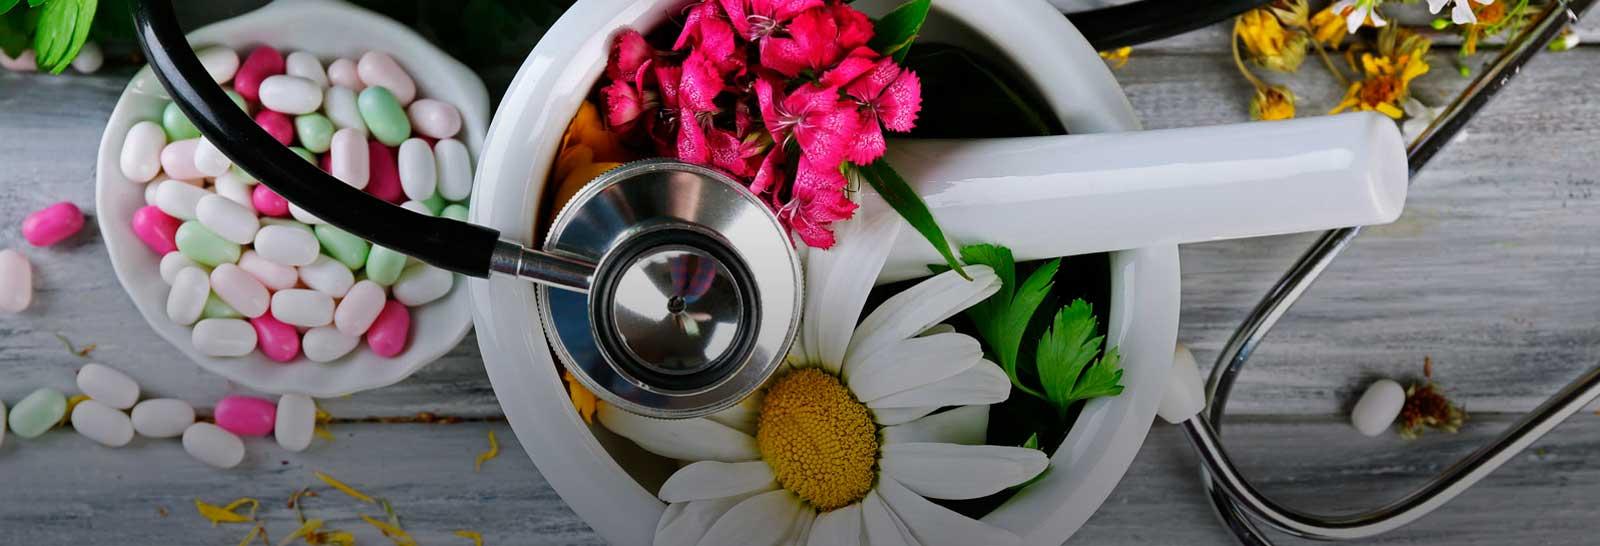 ¿Son inocuos los enfoques de salud complementarios?